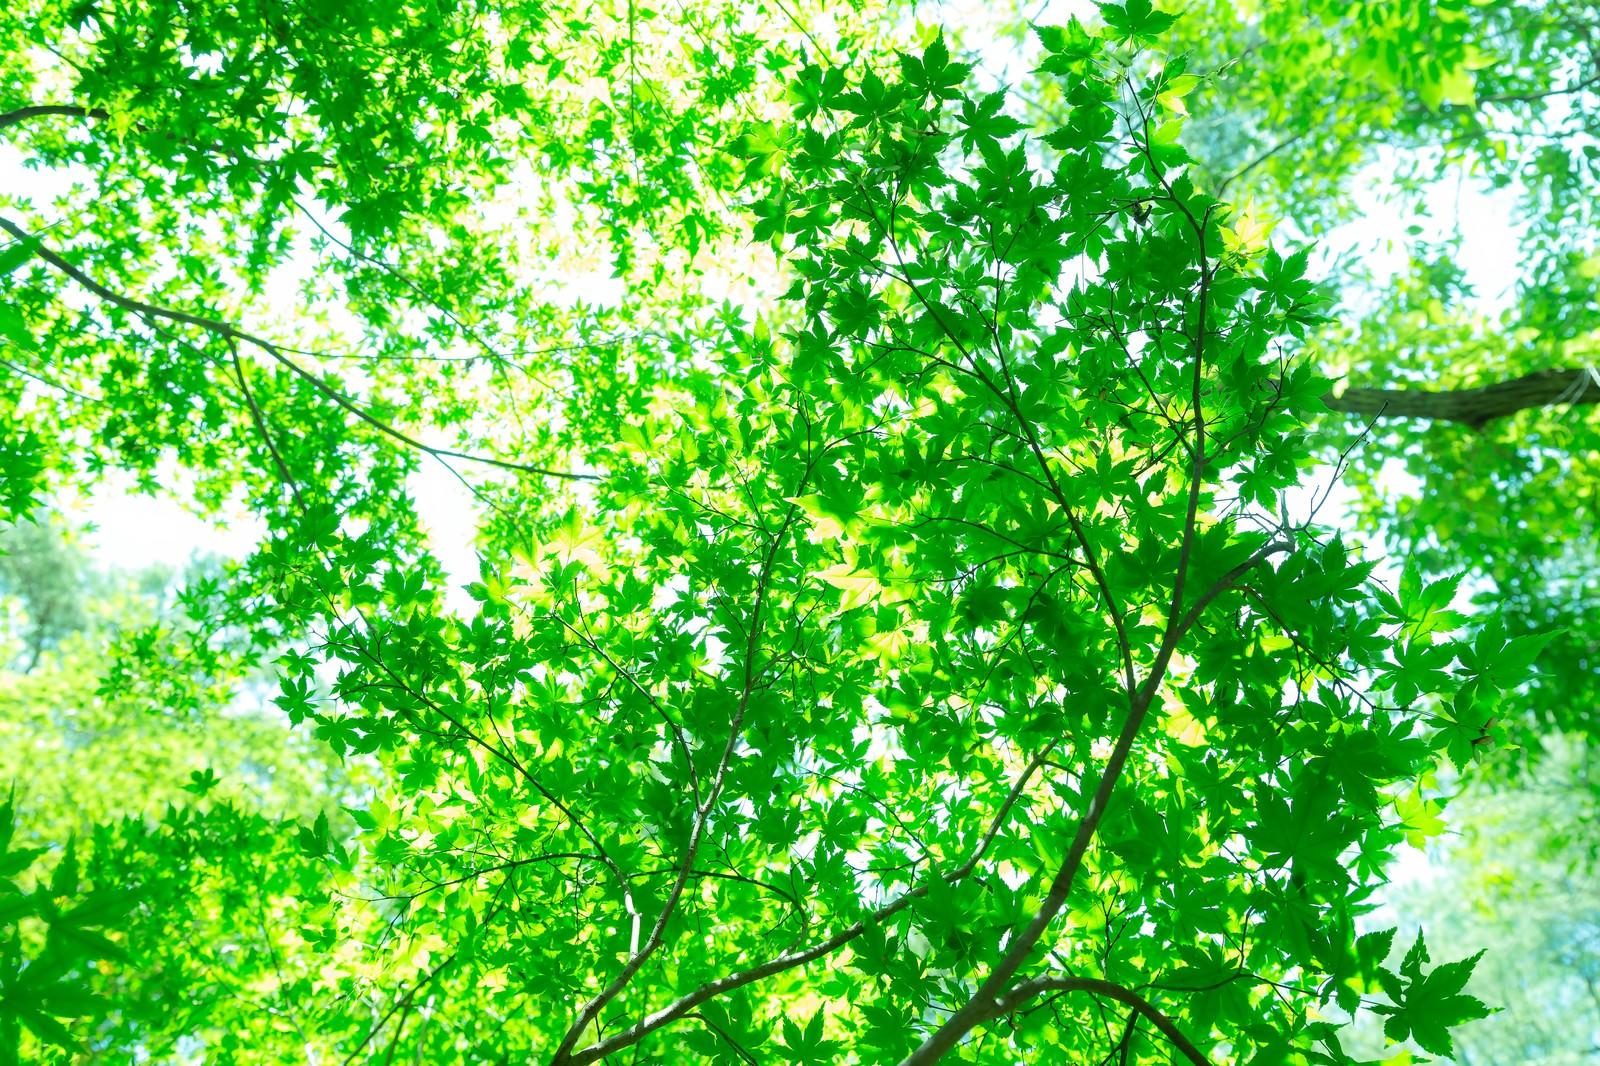 「木漏れ日の緑」の写真